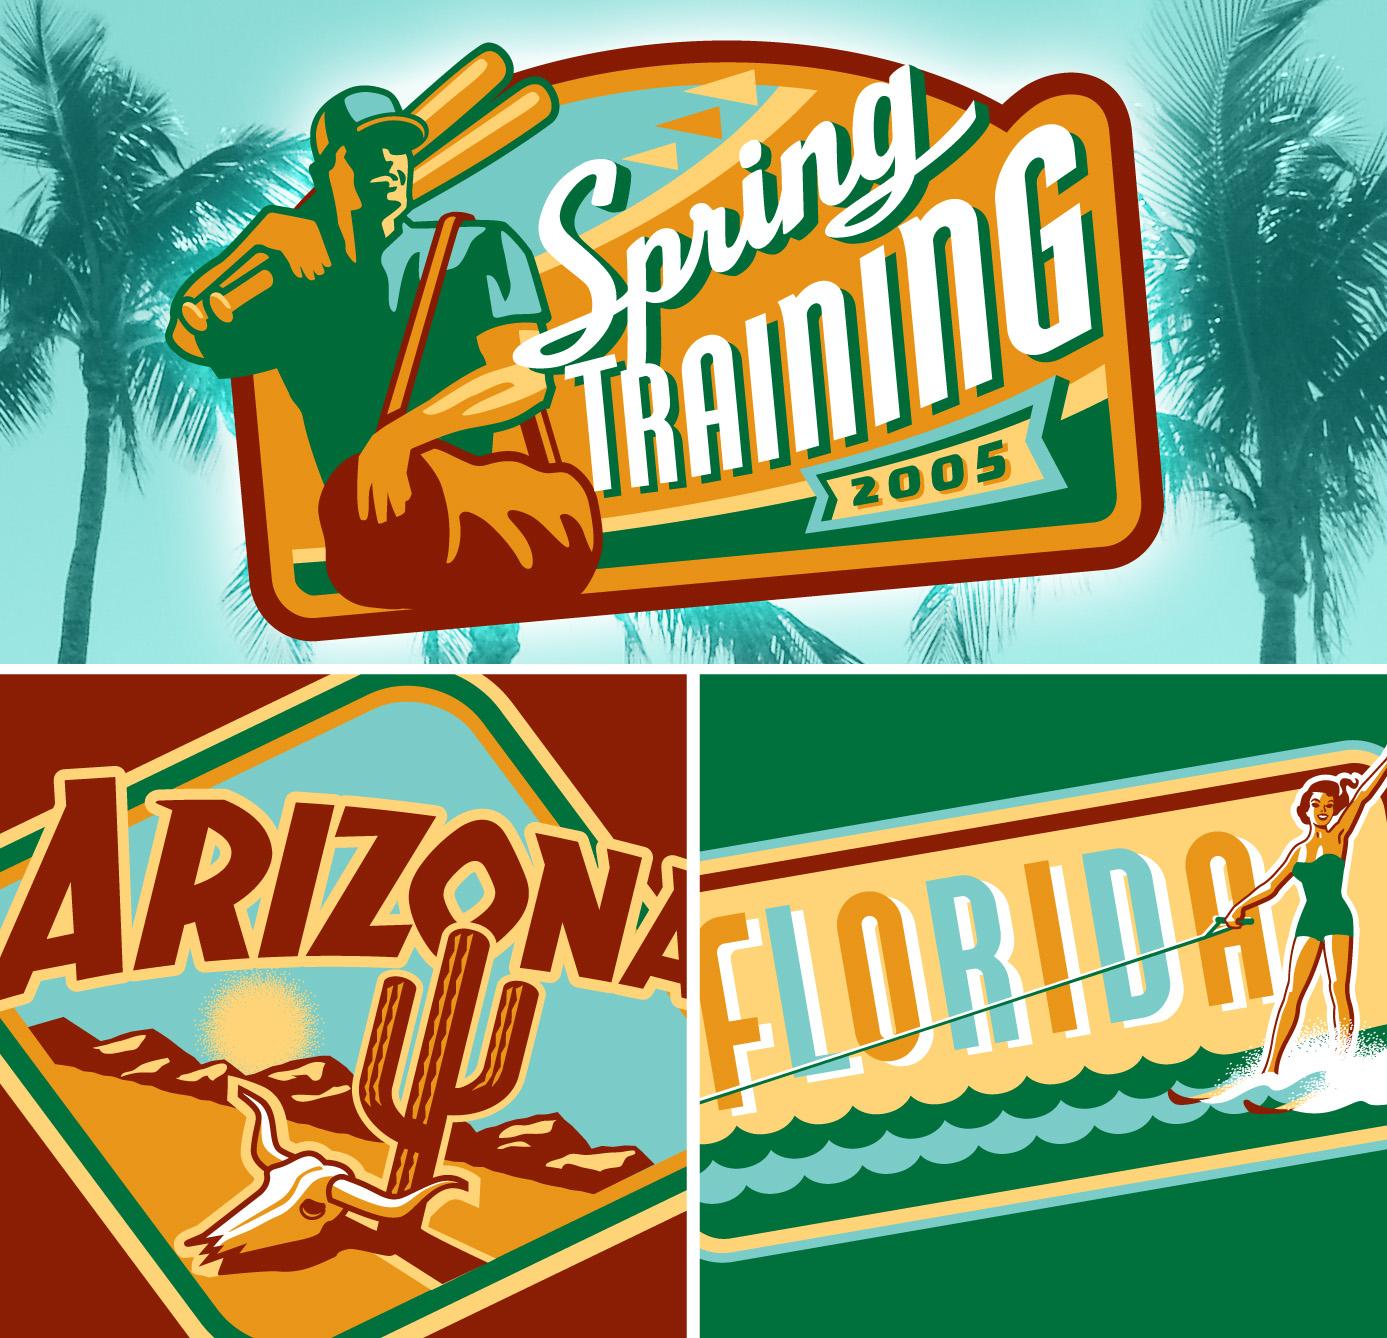 MLB_Spring_Training_Logos.jpg